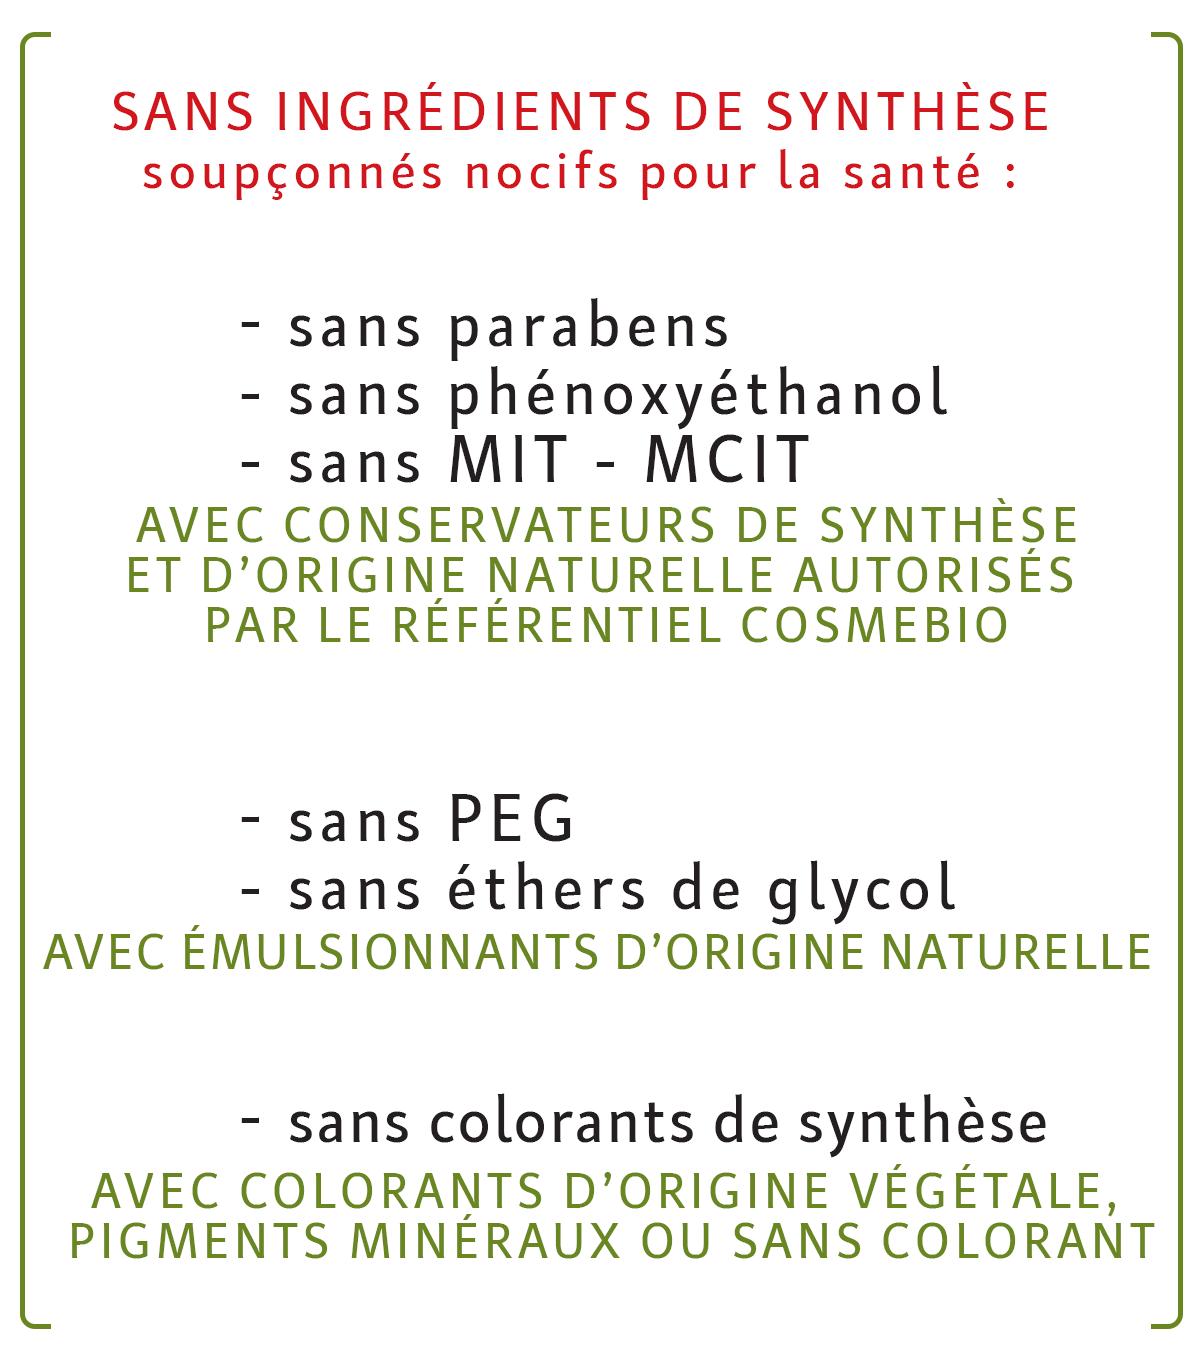 Laboratoire LÉA NATURE, sans ingrédients de synthèse